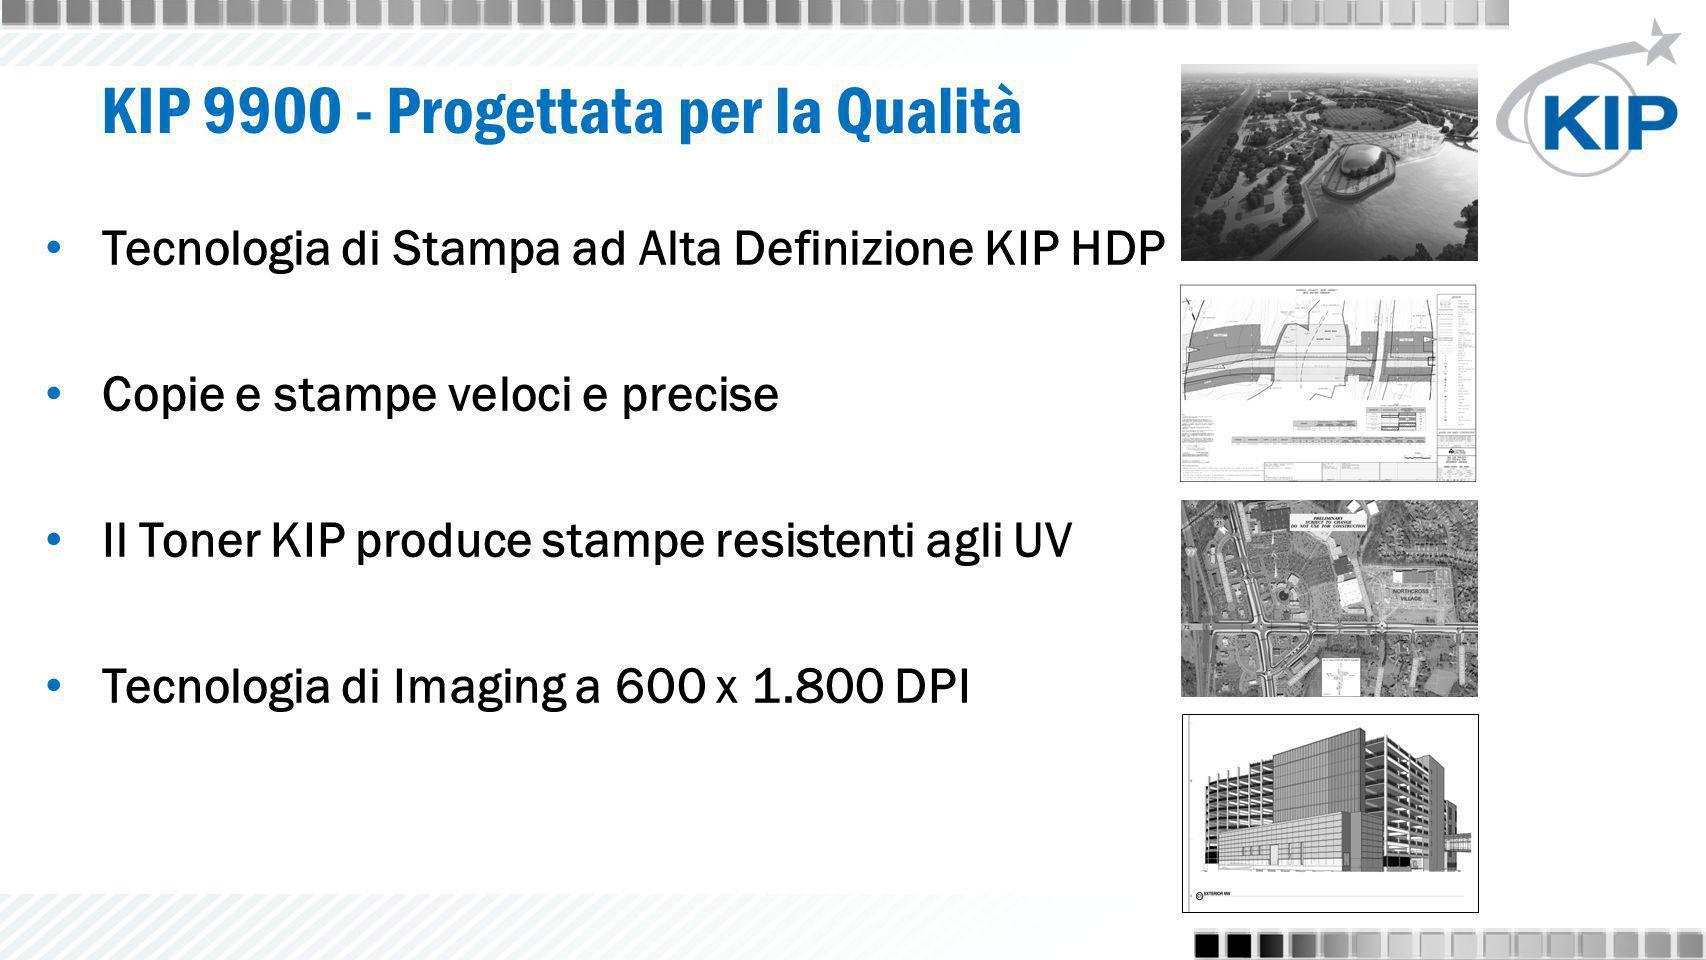 KIP 9900 - Progettata per la Qualità Tecnologia di Stampa ad Alta Definizione KIP HDP Copie e stampe veloci e precise Il Toner KIP produce stampe resistenti agli UV Tecnologia di Imaging a 600 x 1.800 DPI